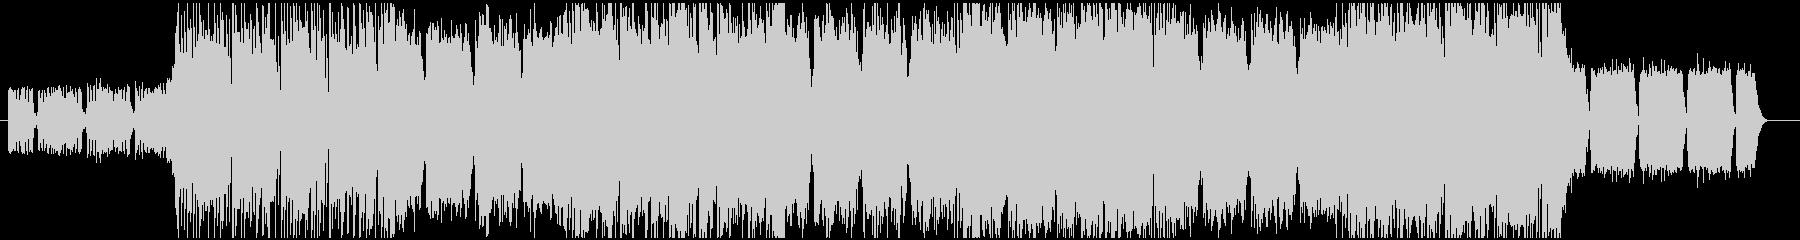 疾走感あるメタル・ロック系BGM_1の未再生の波形